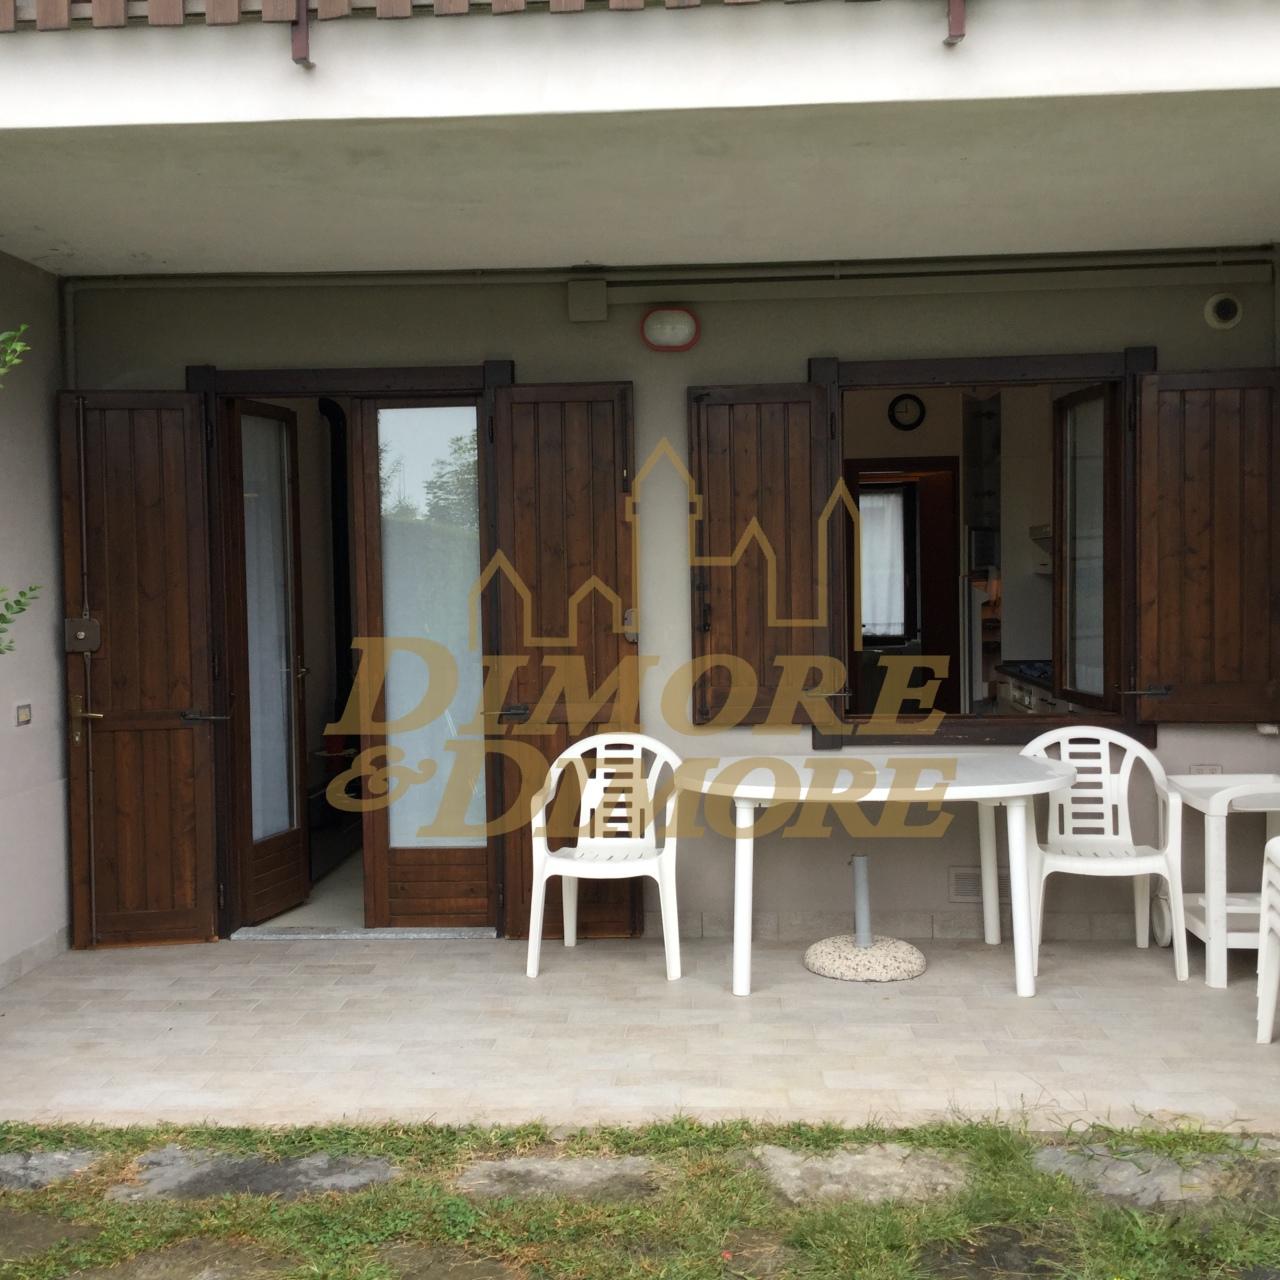 appartamento in vendita a premeno   250000 euro  4 locali 110 mq 2 Bagni